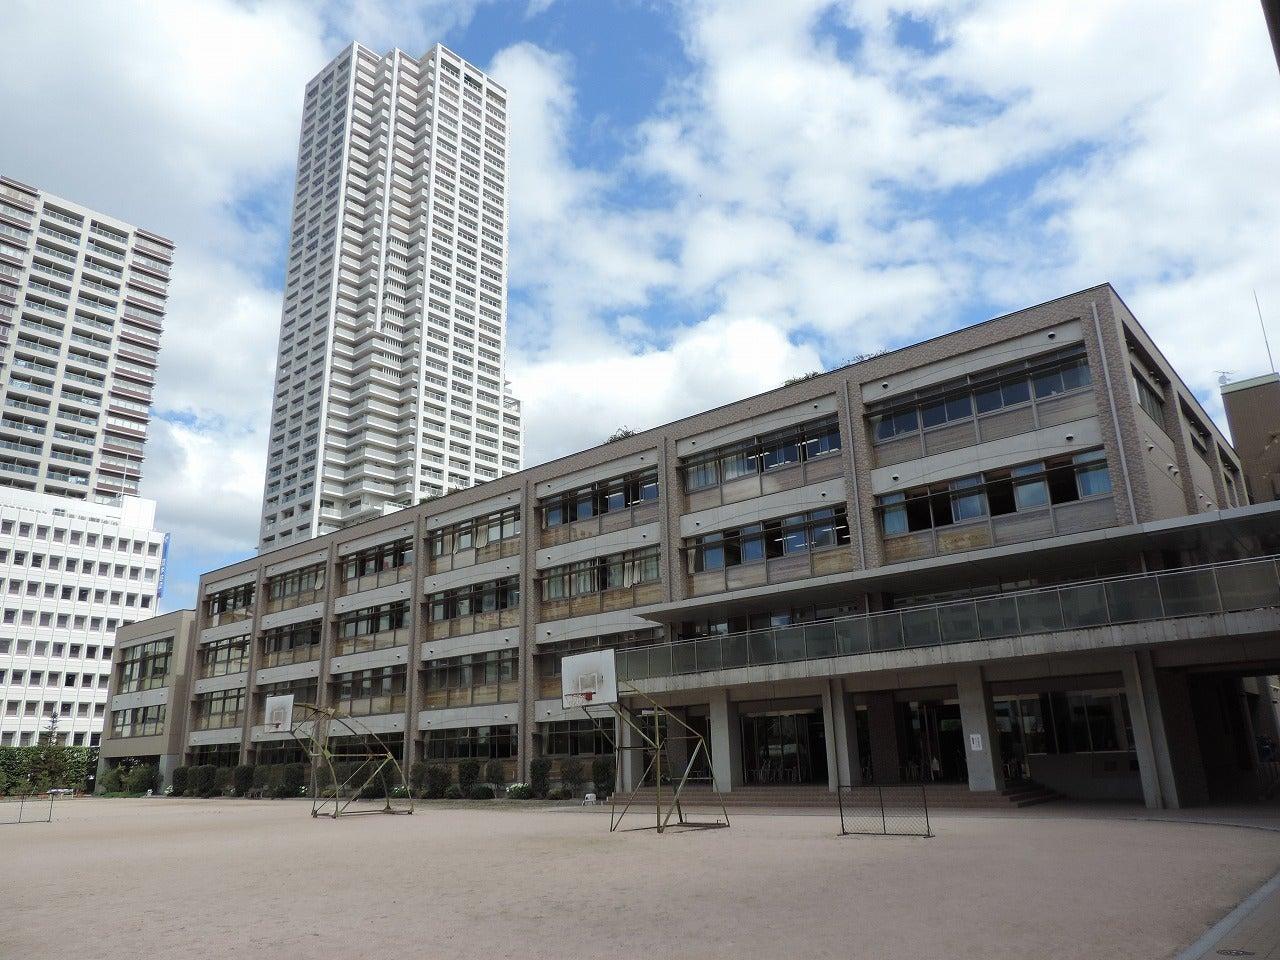 他校の追随を許さない広島女学院の英語力 | ことりっぷ